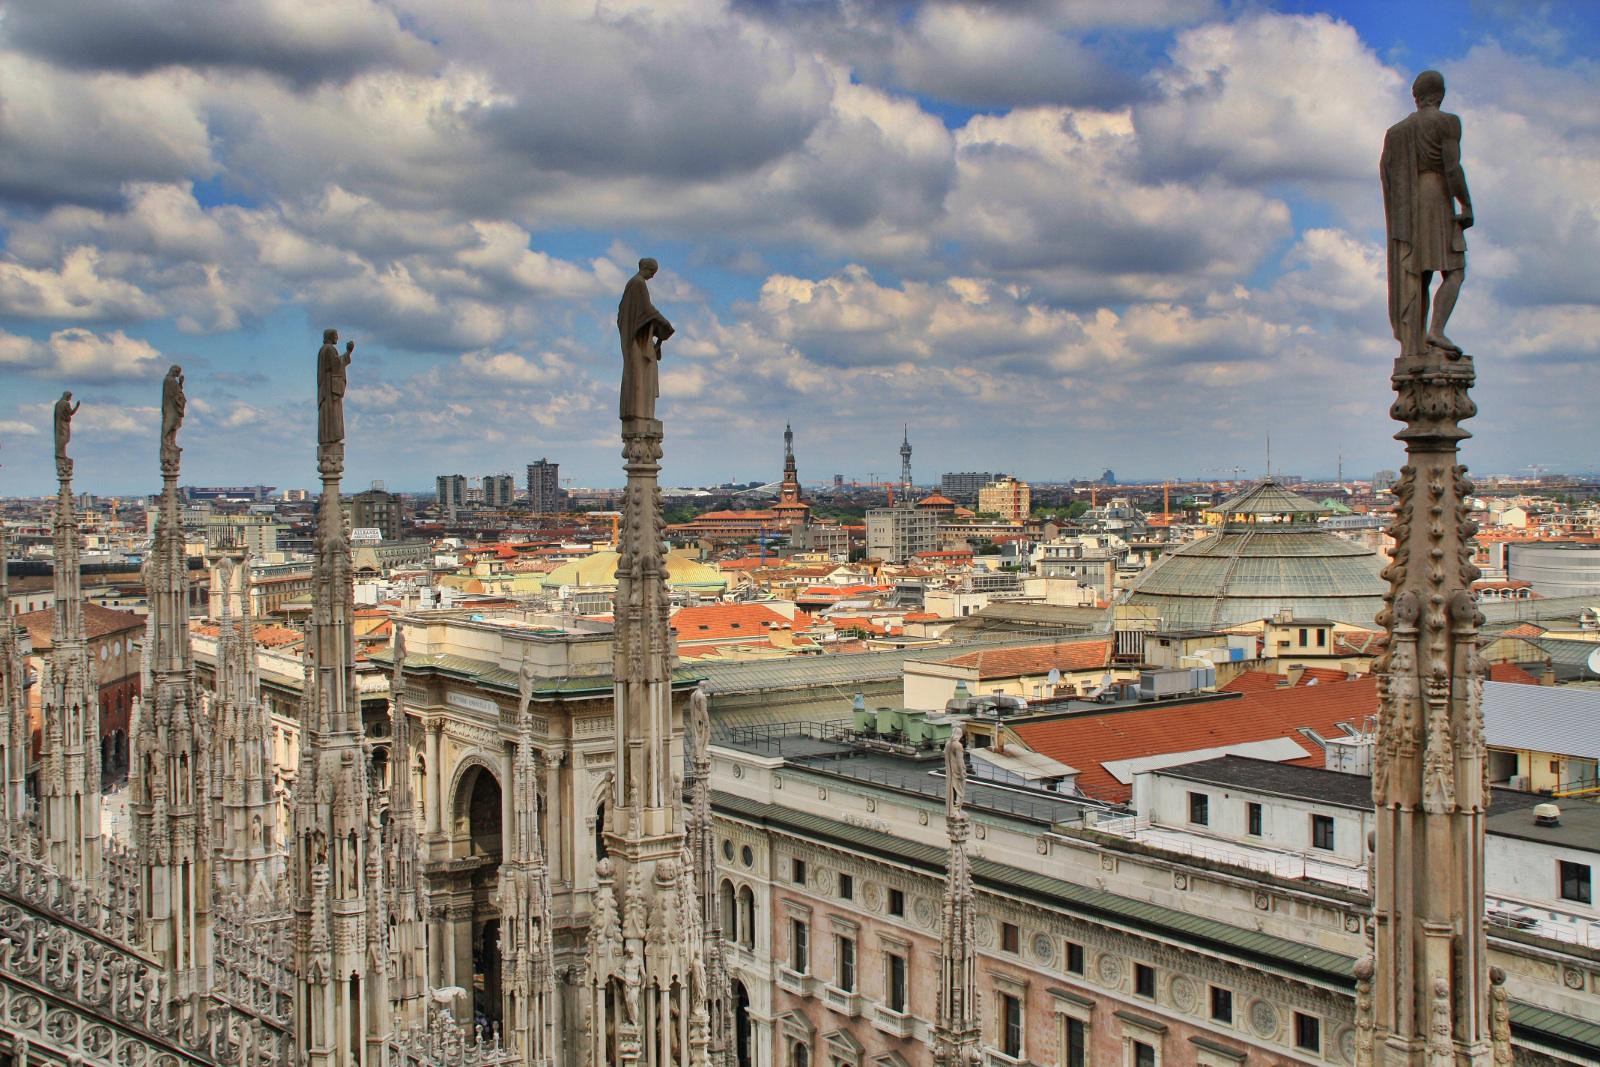 Milán desde los tejados del Doumo, Milán, Italia